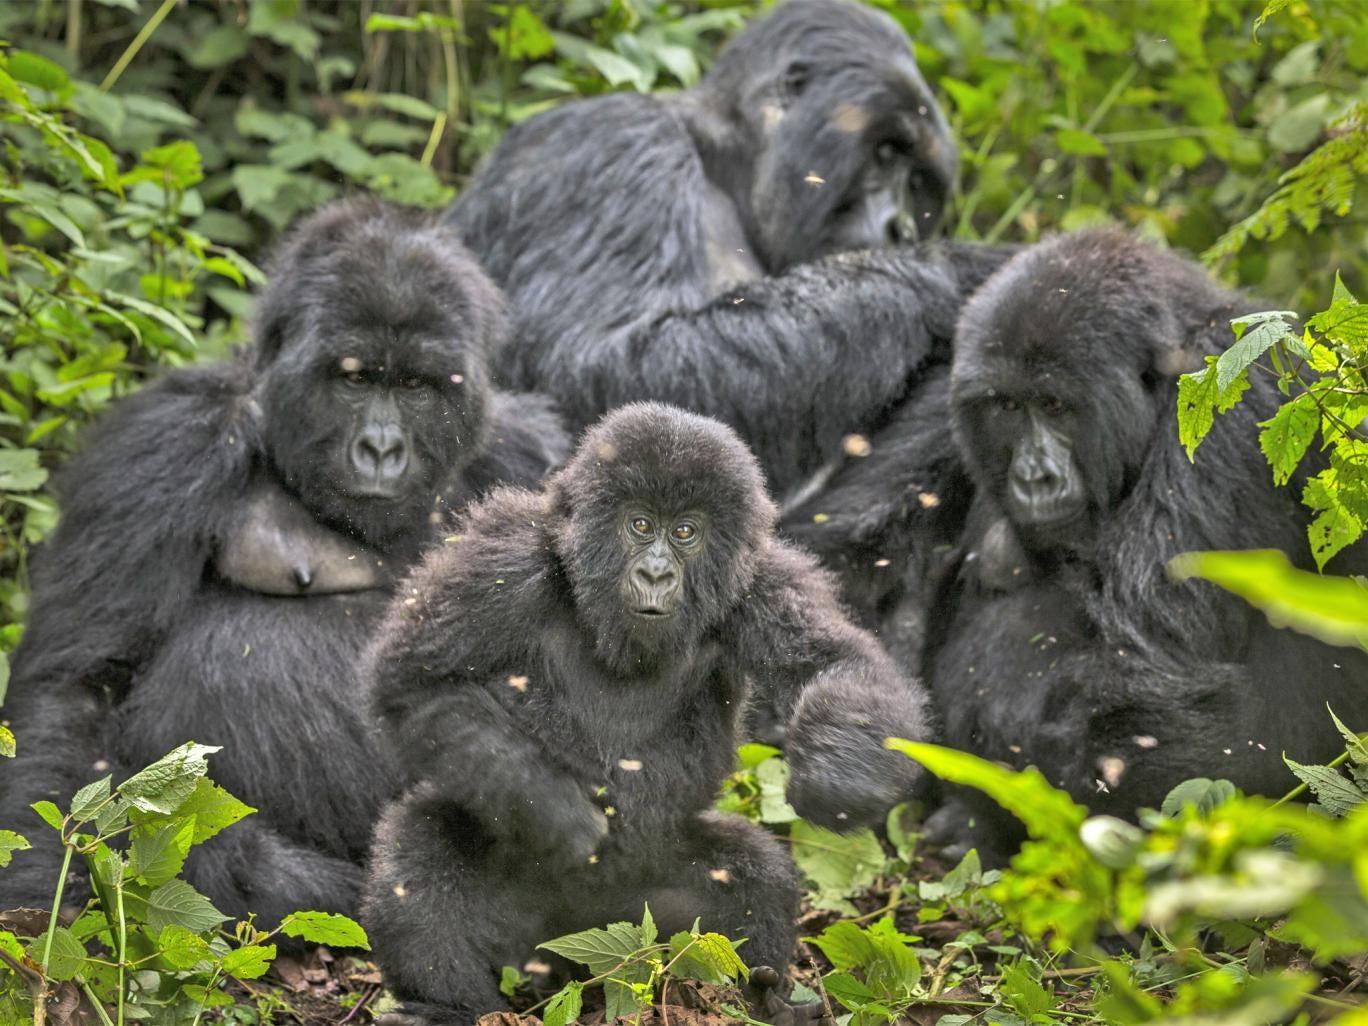 A family of Gorillas in Virunga National Park